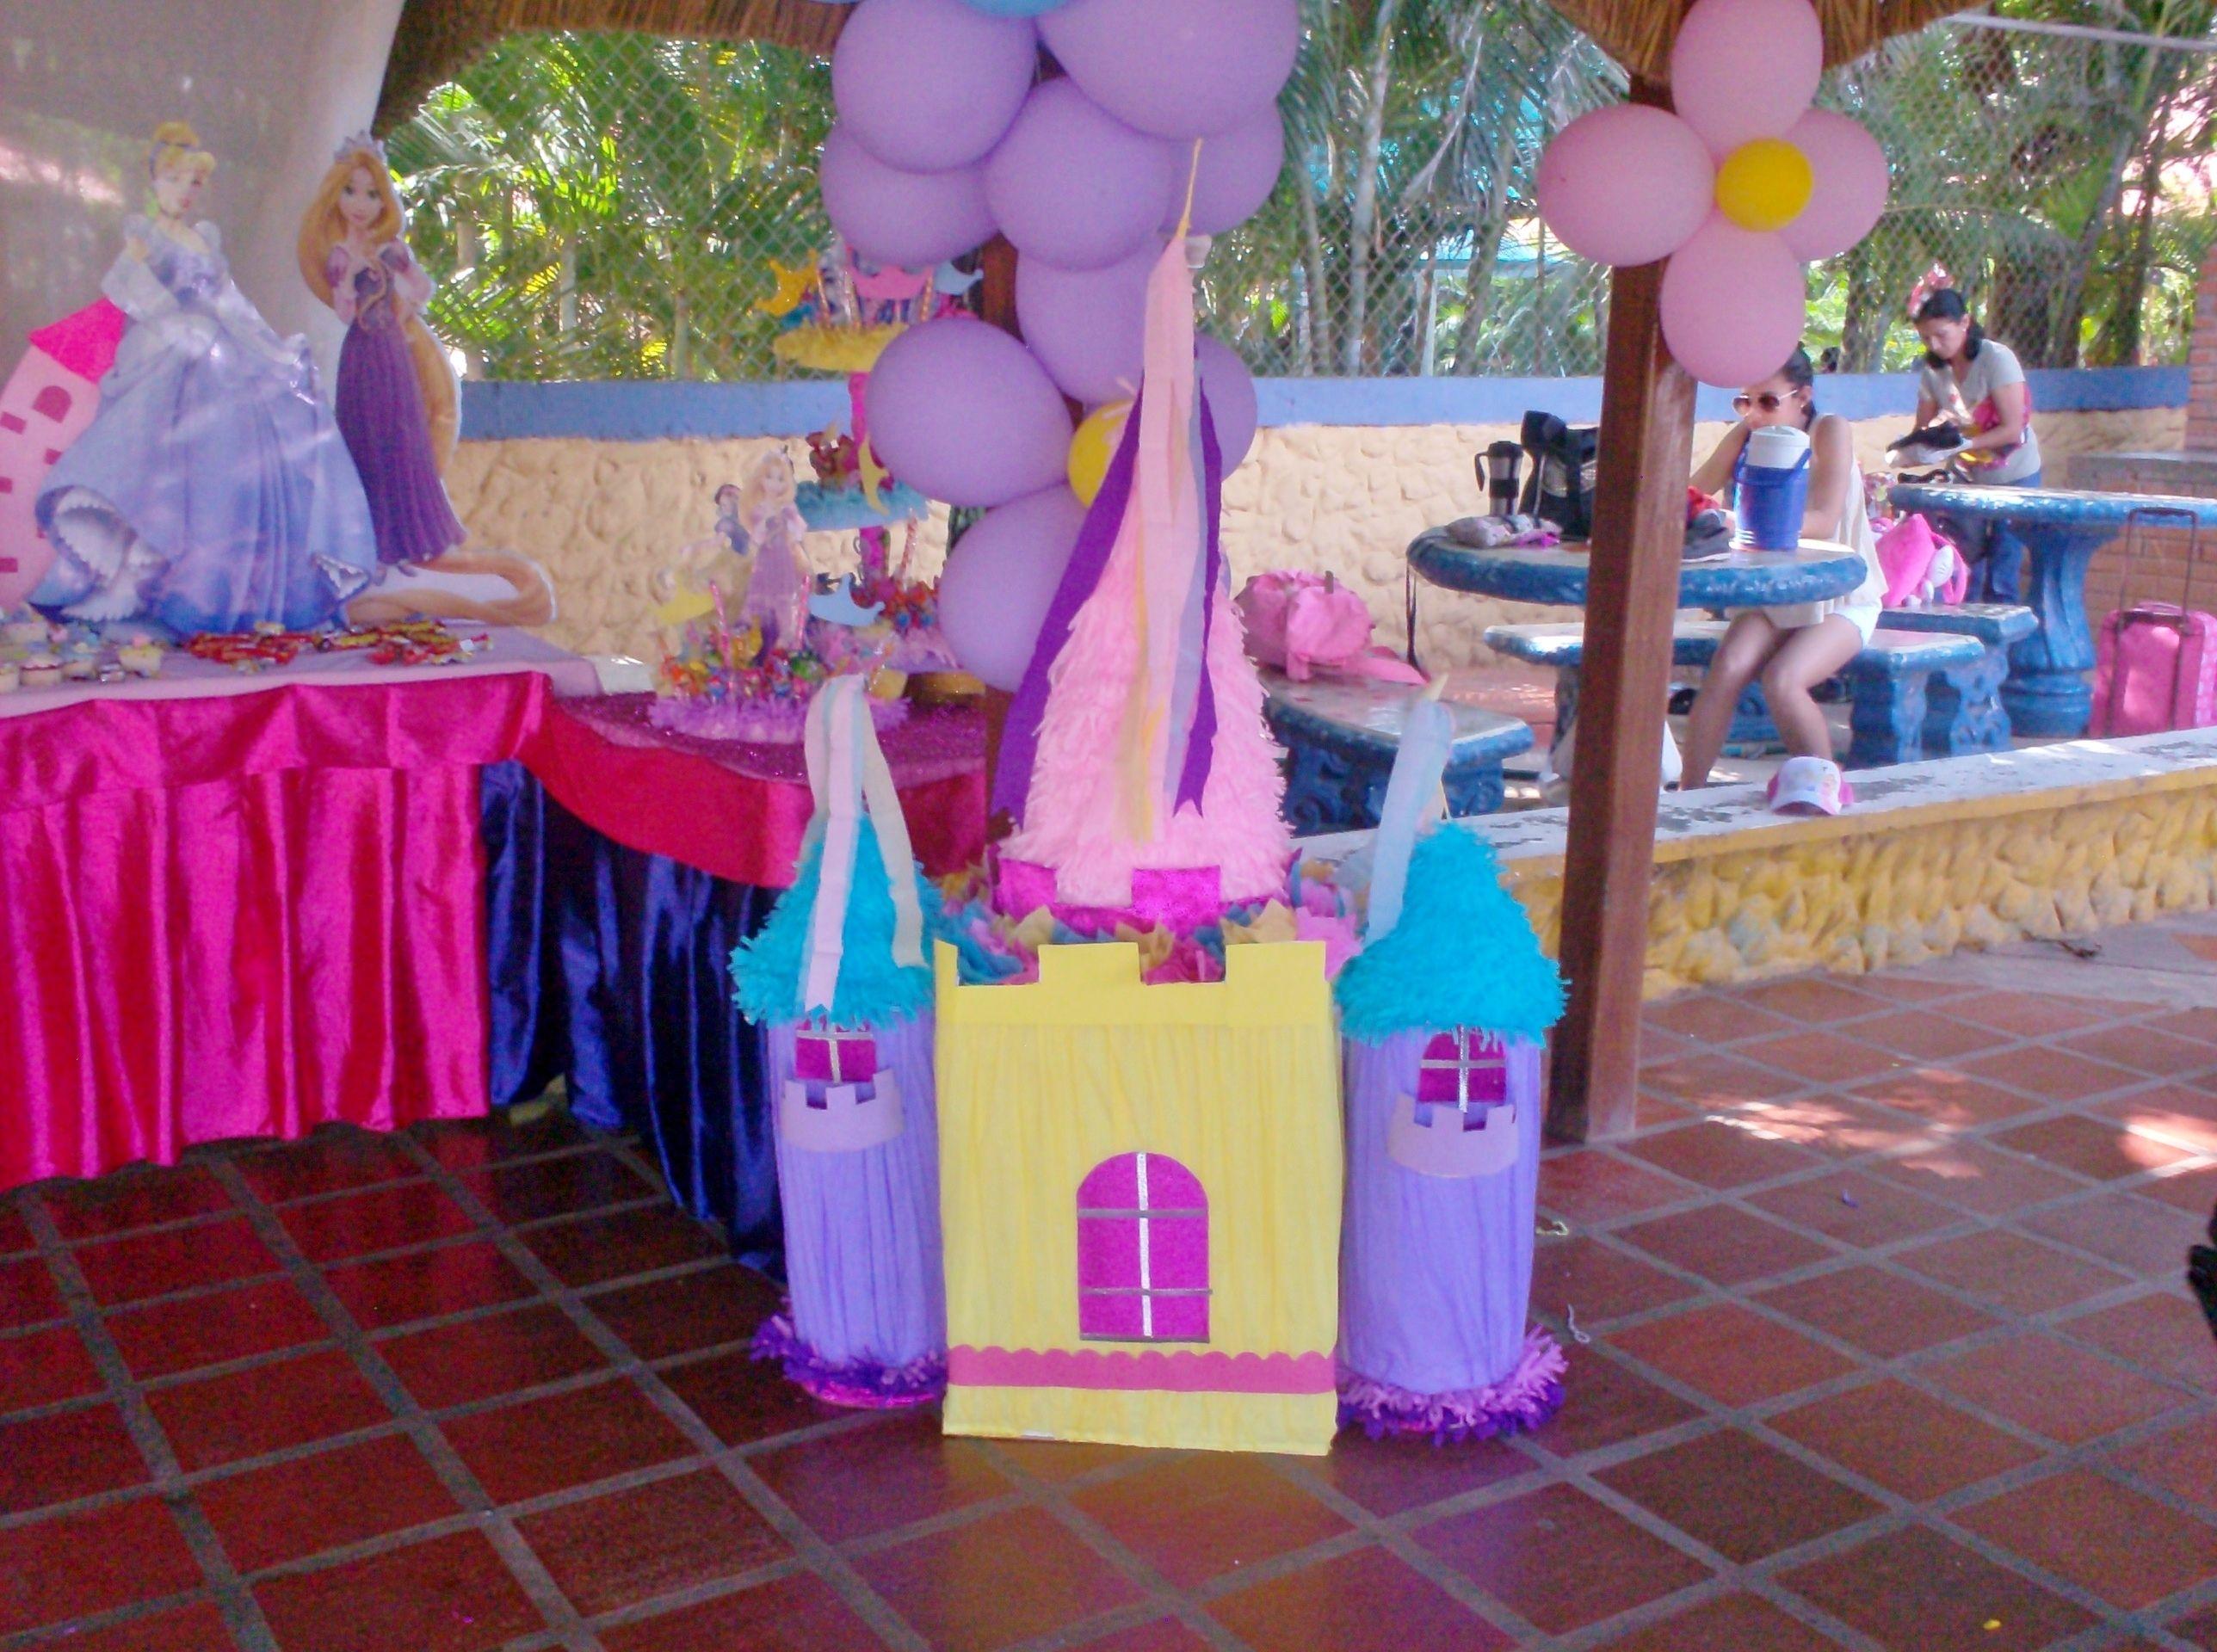 Pi ata castillo decoracion pinterest pi atas for Decoracion para pinatas